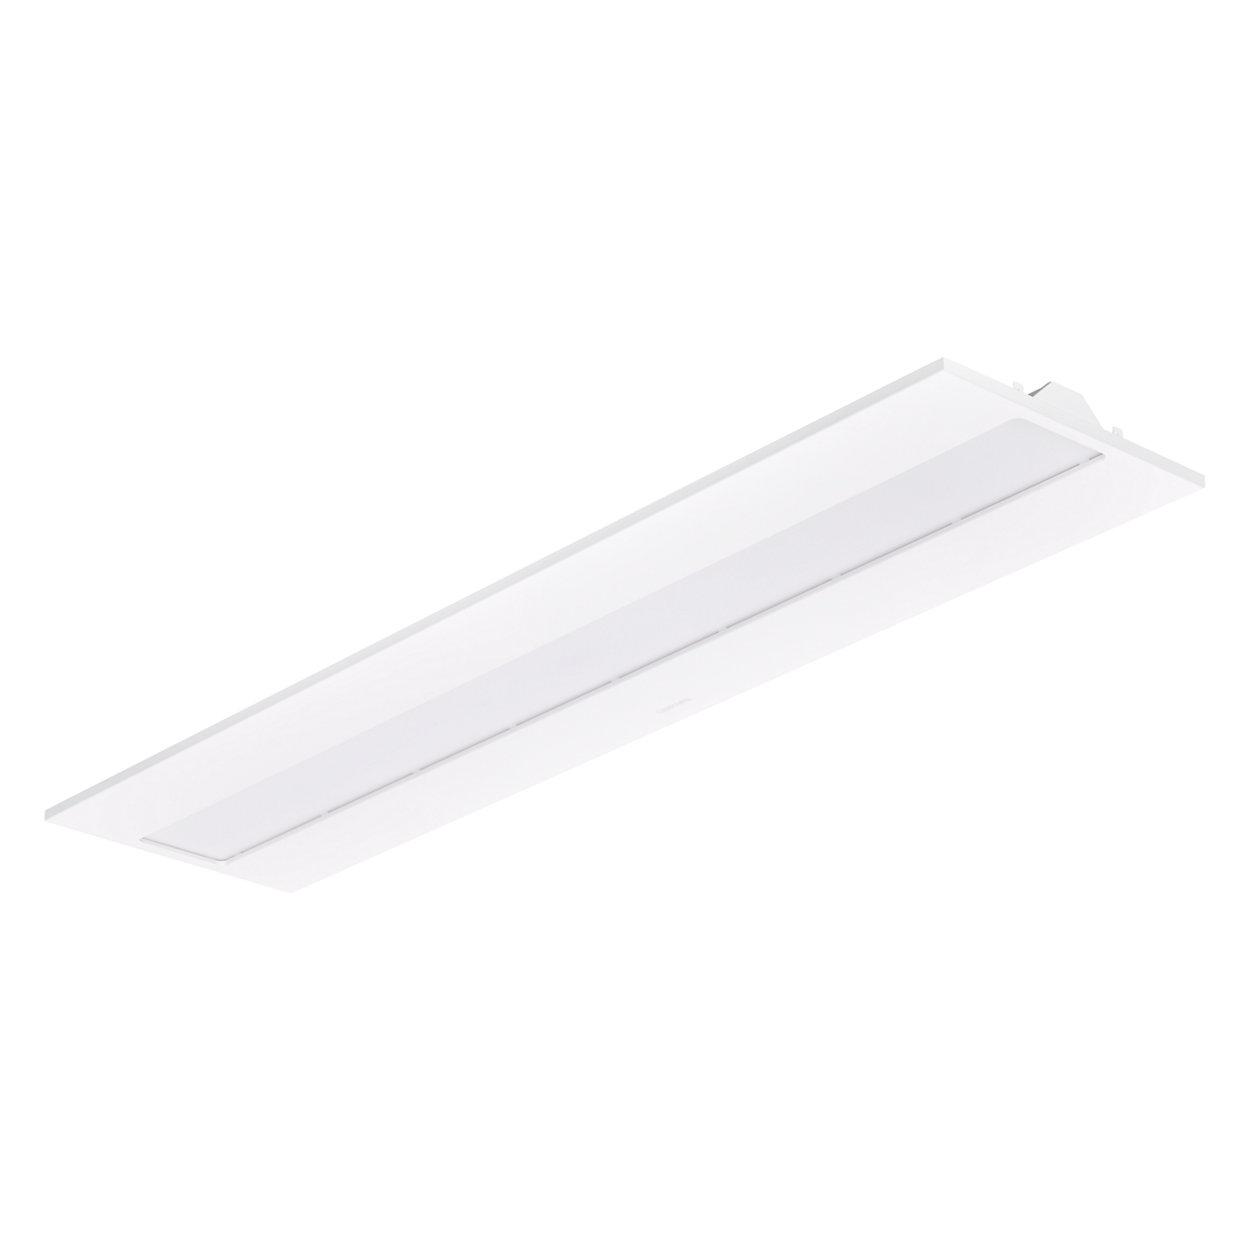 Vstavané svietidlo Ledinaire − jednoducho skvelé LED svietidlo